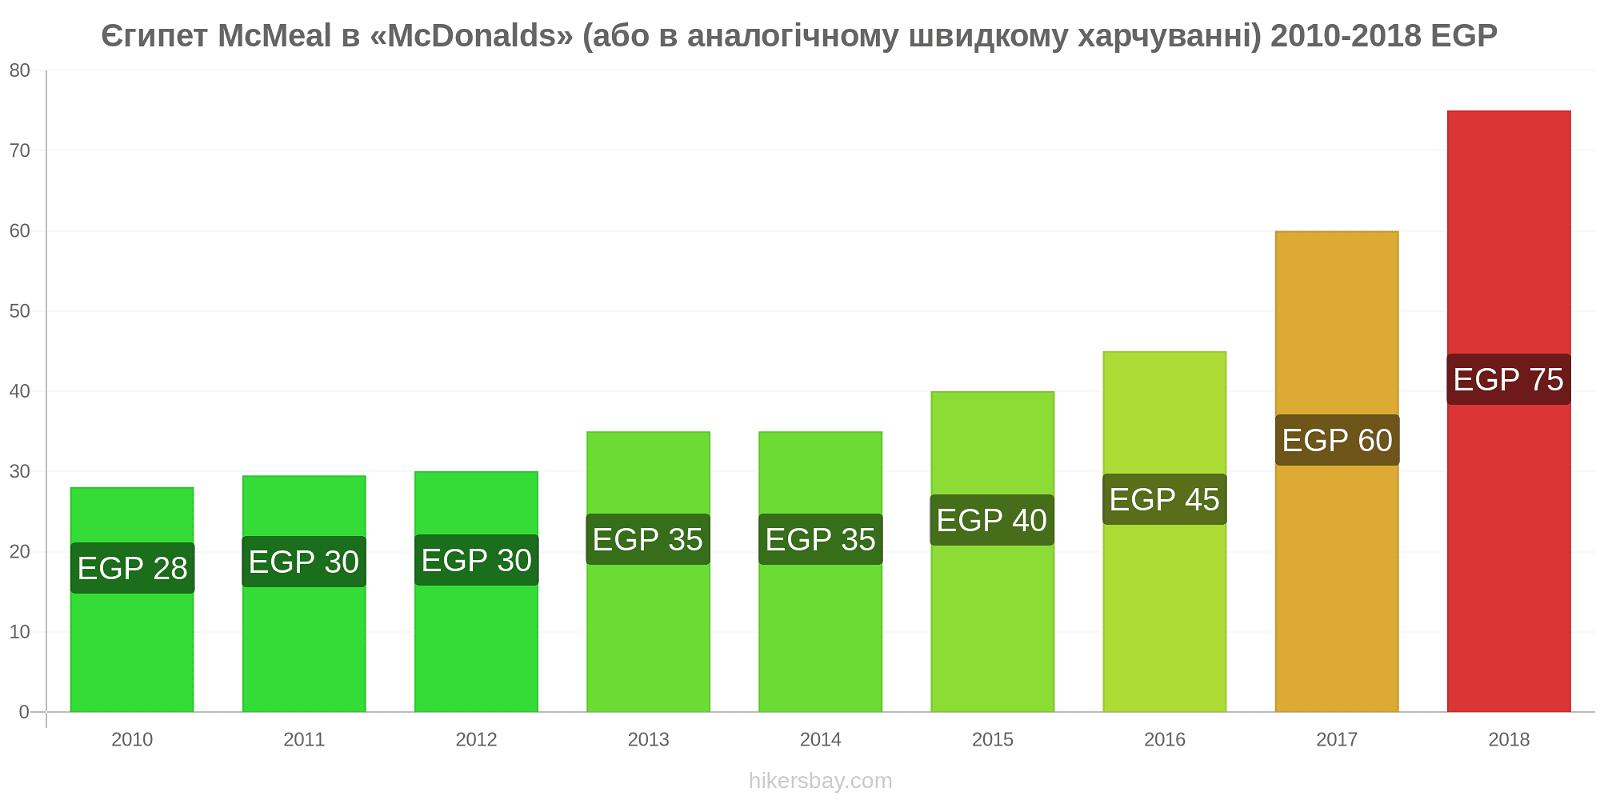 Єгипет зміни цін McMeal в «McDonalds» (або в аналогічному швидкому харчуванні) hikersbay.com